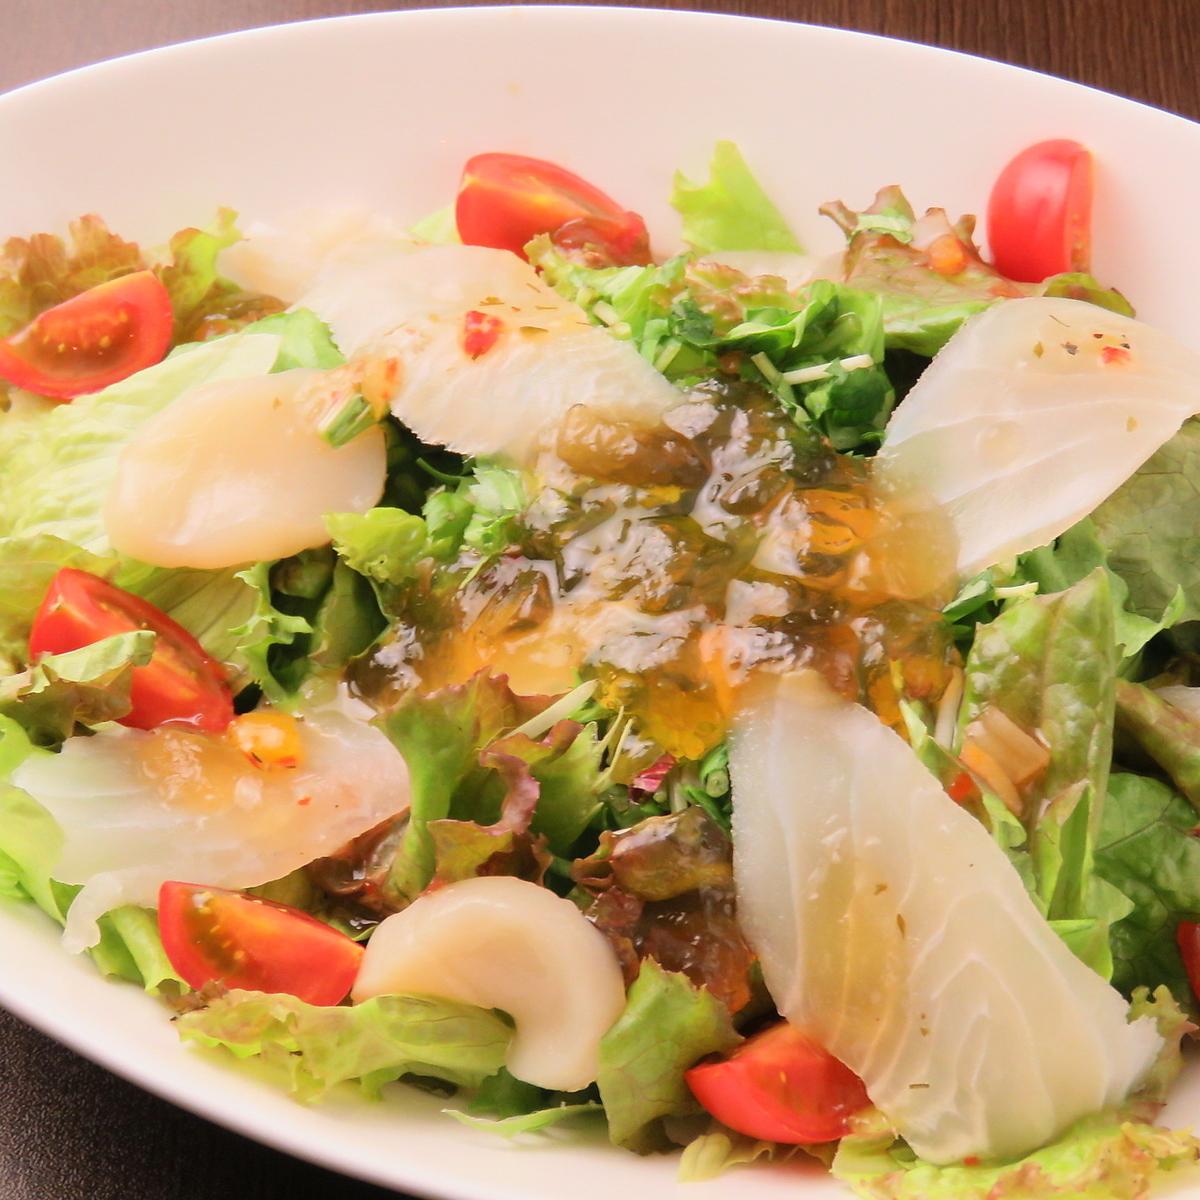 Crystal salad